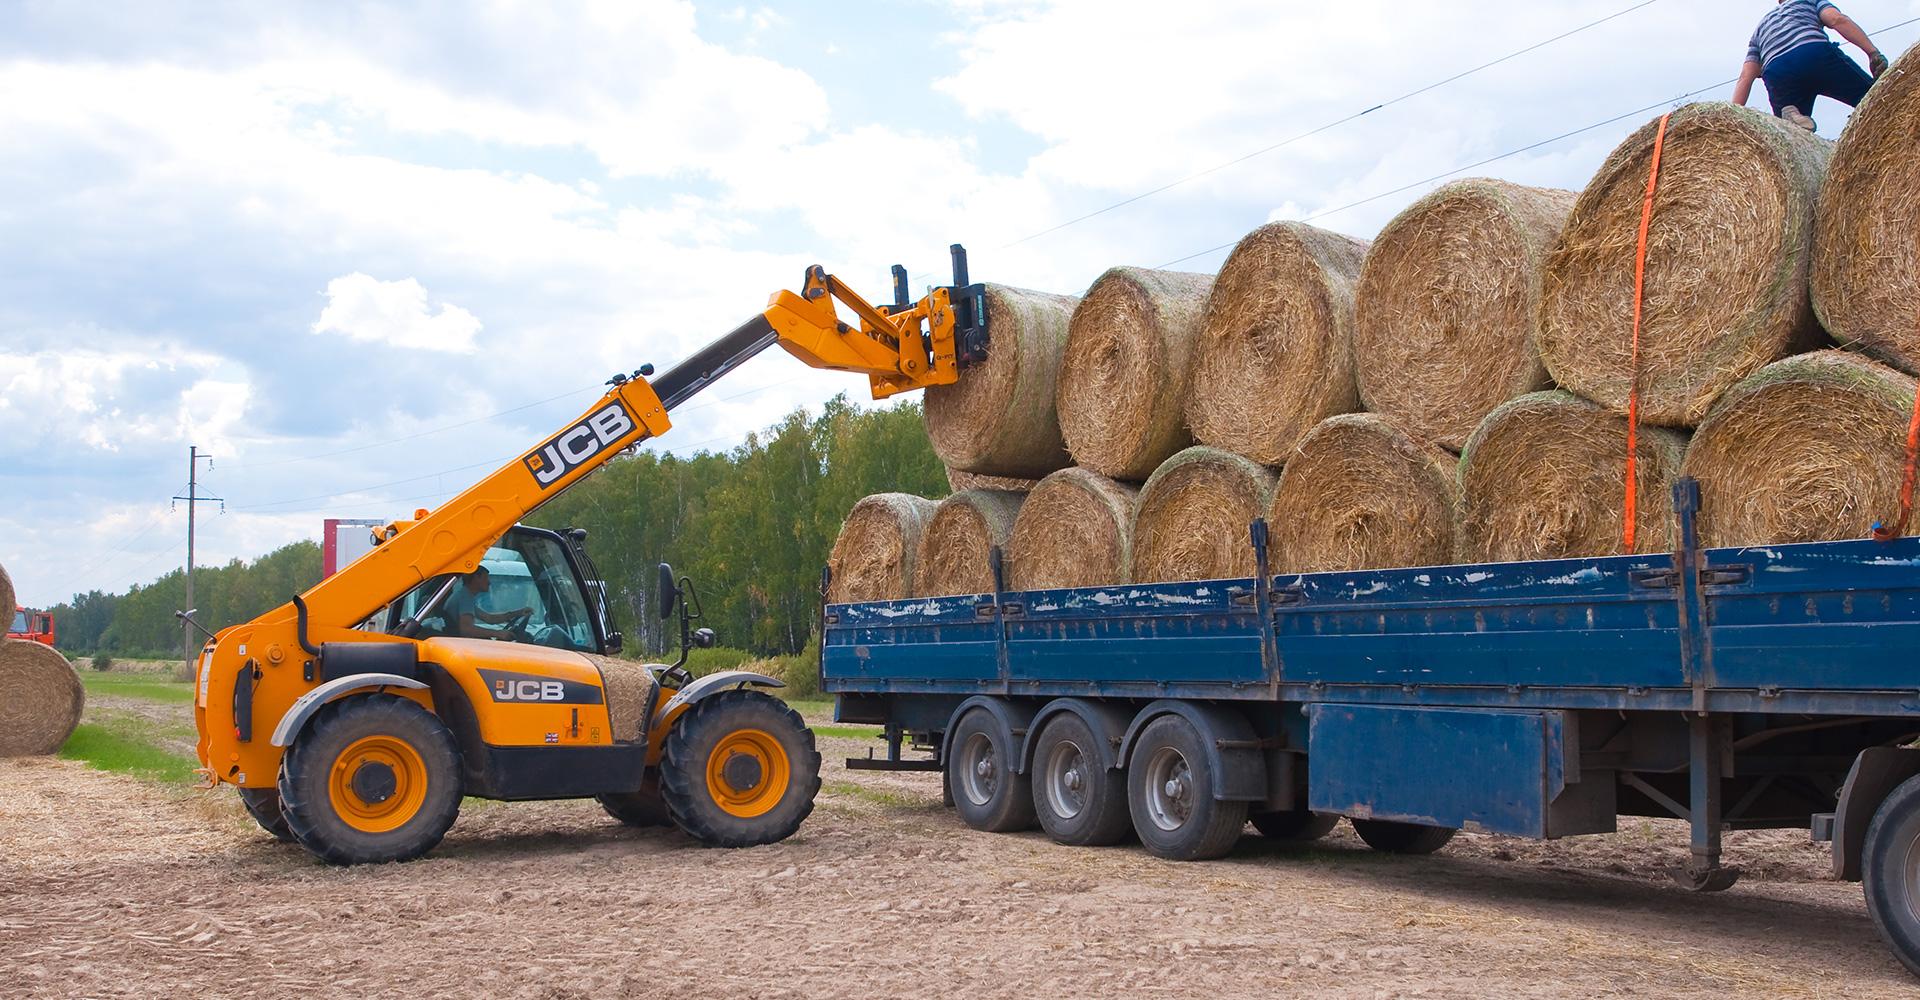 tyrefinder.nl - liftmachine banden